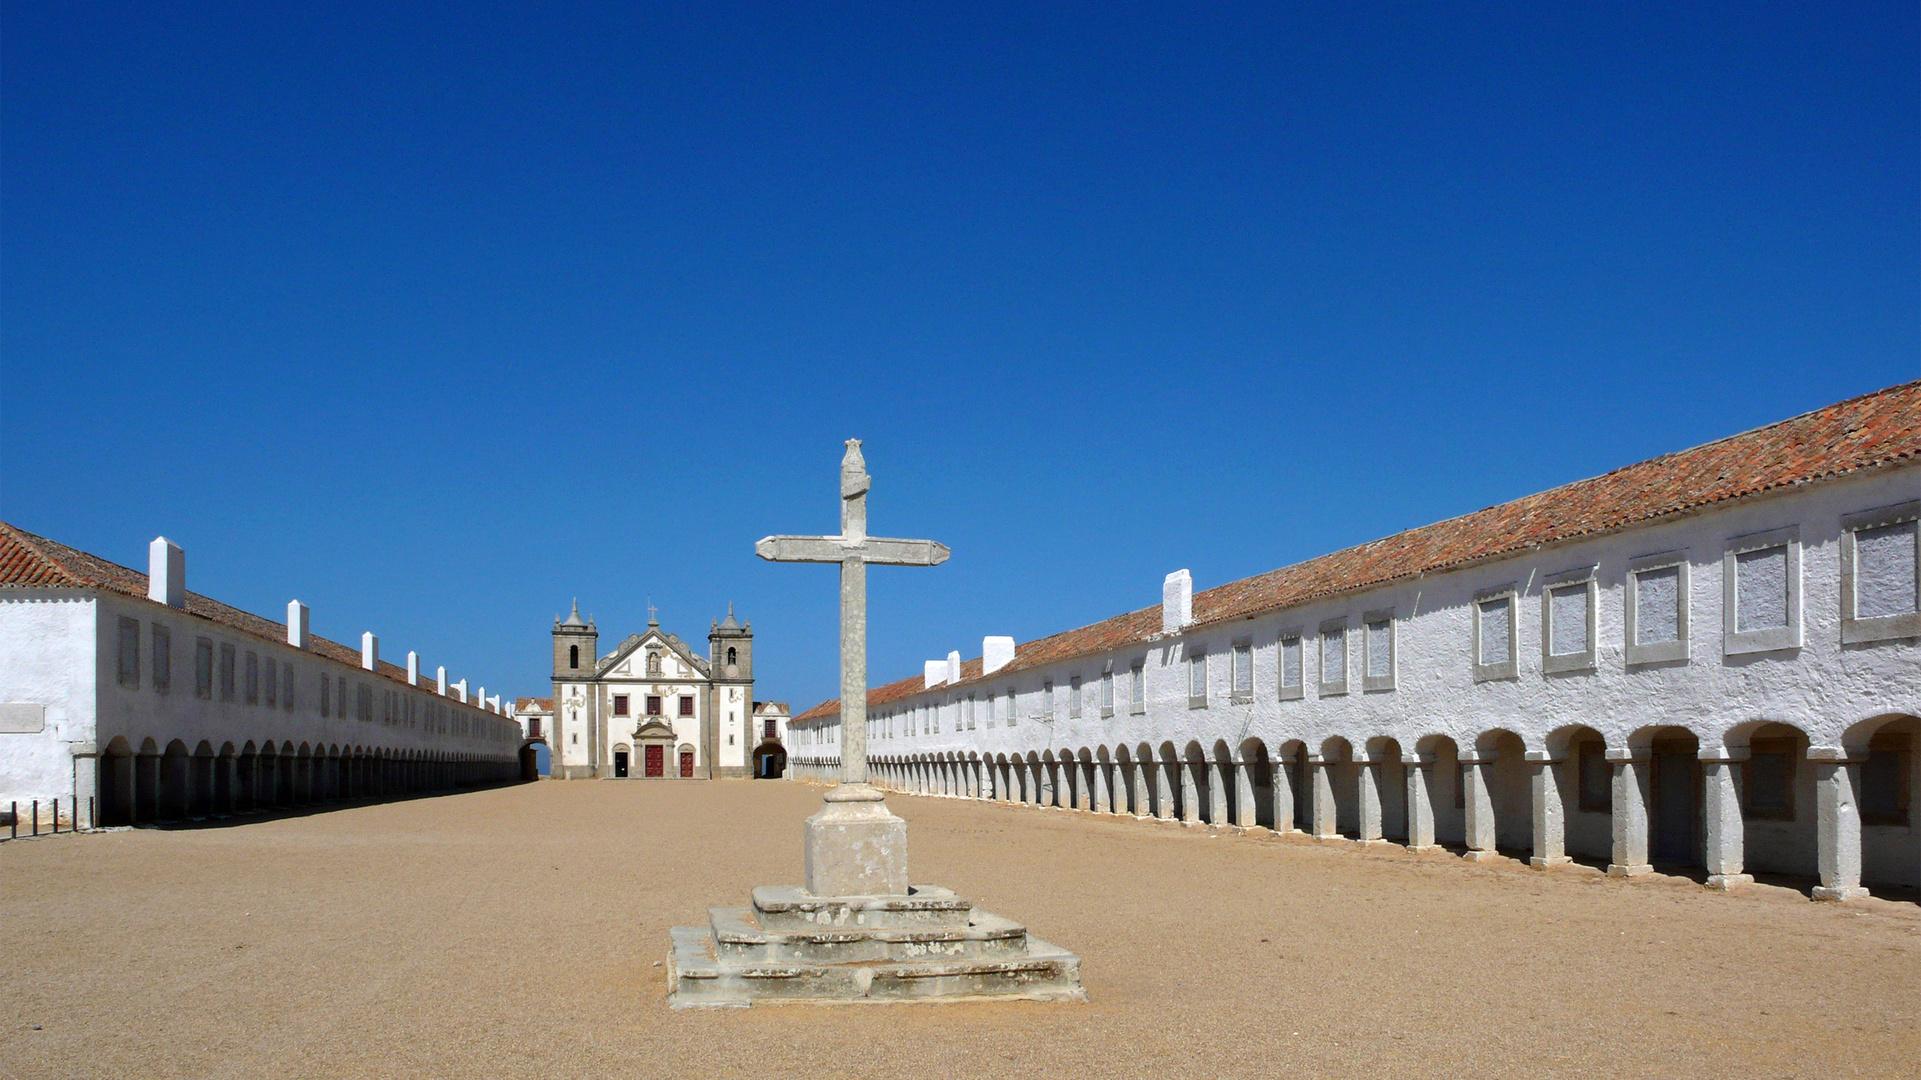 Kloster auf Cabo Espichel (Portugal)